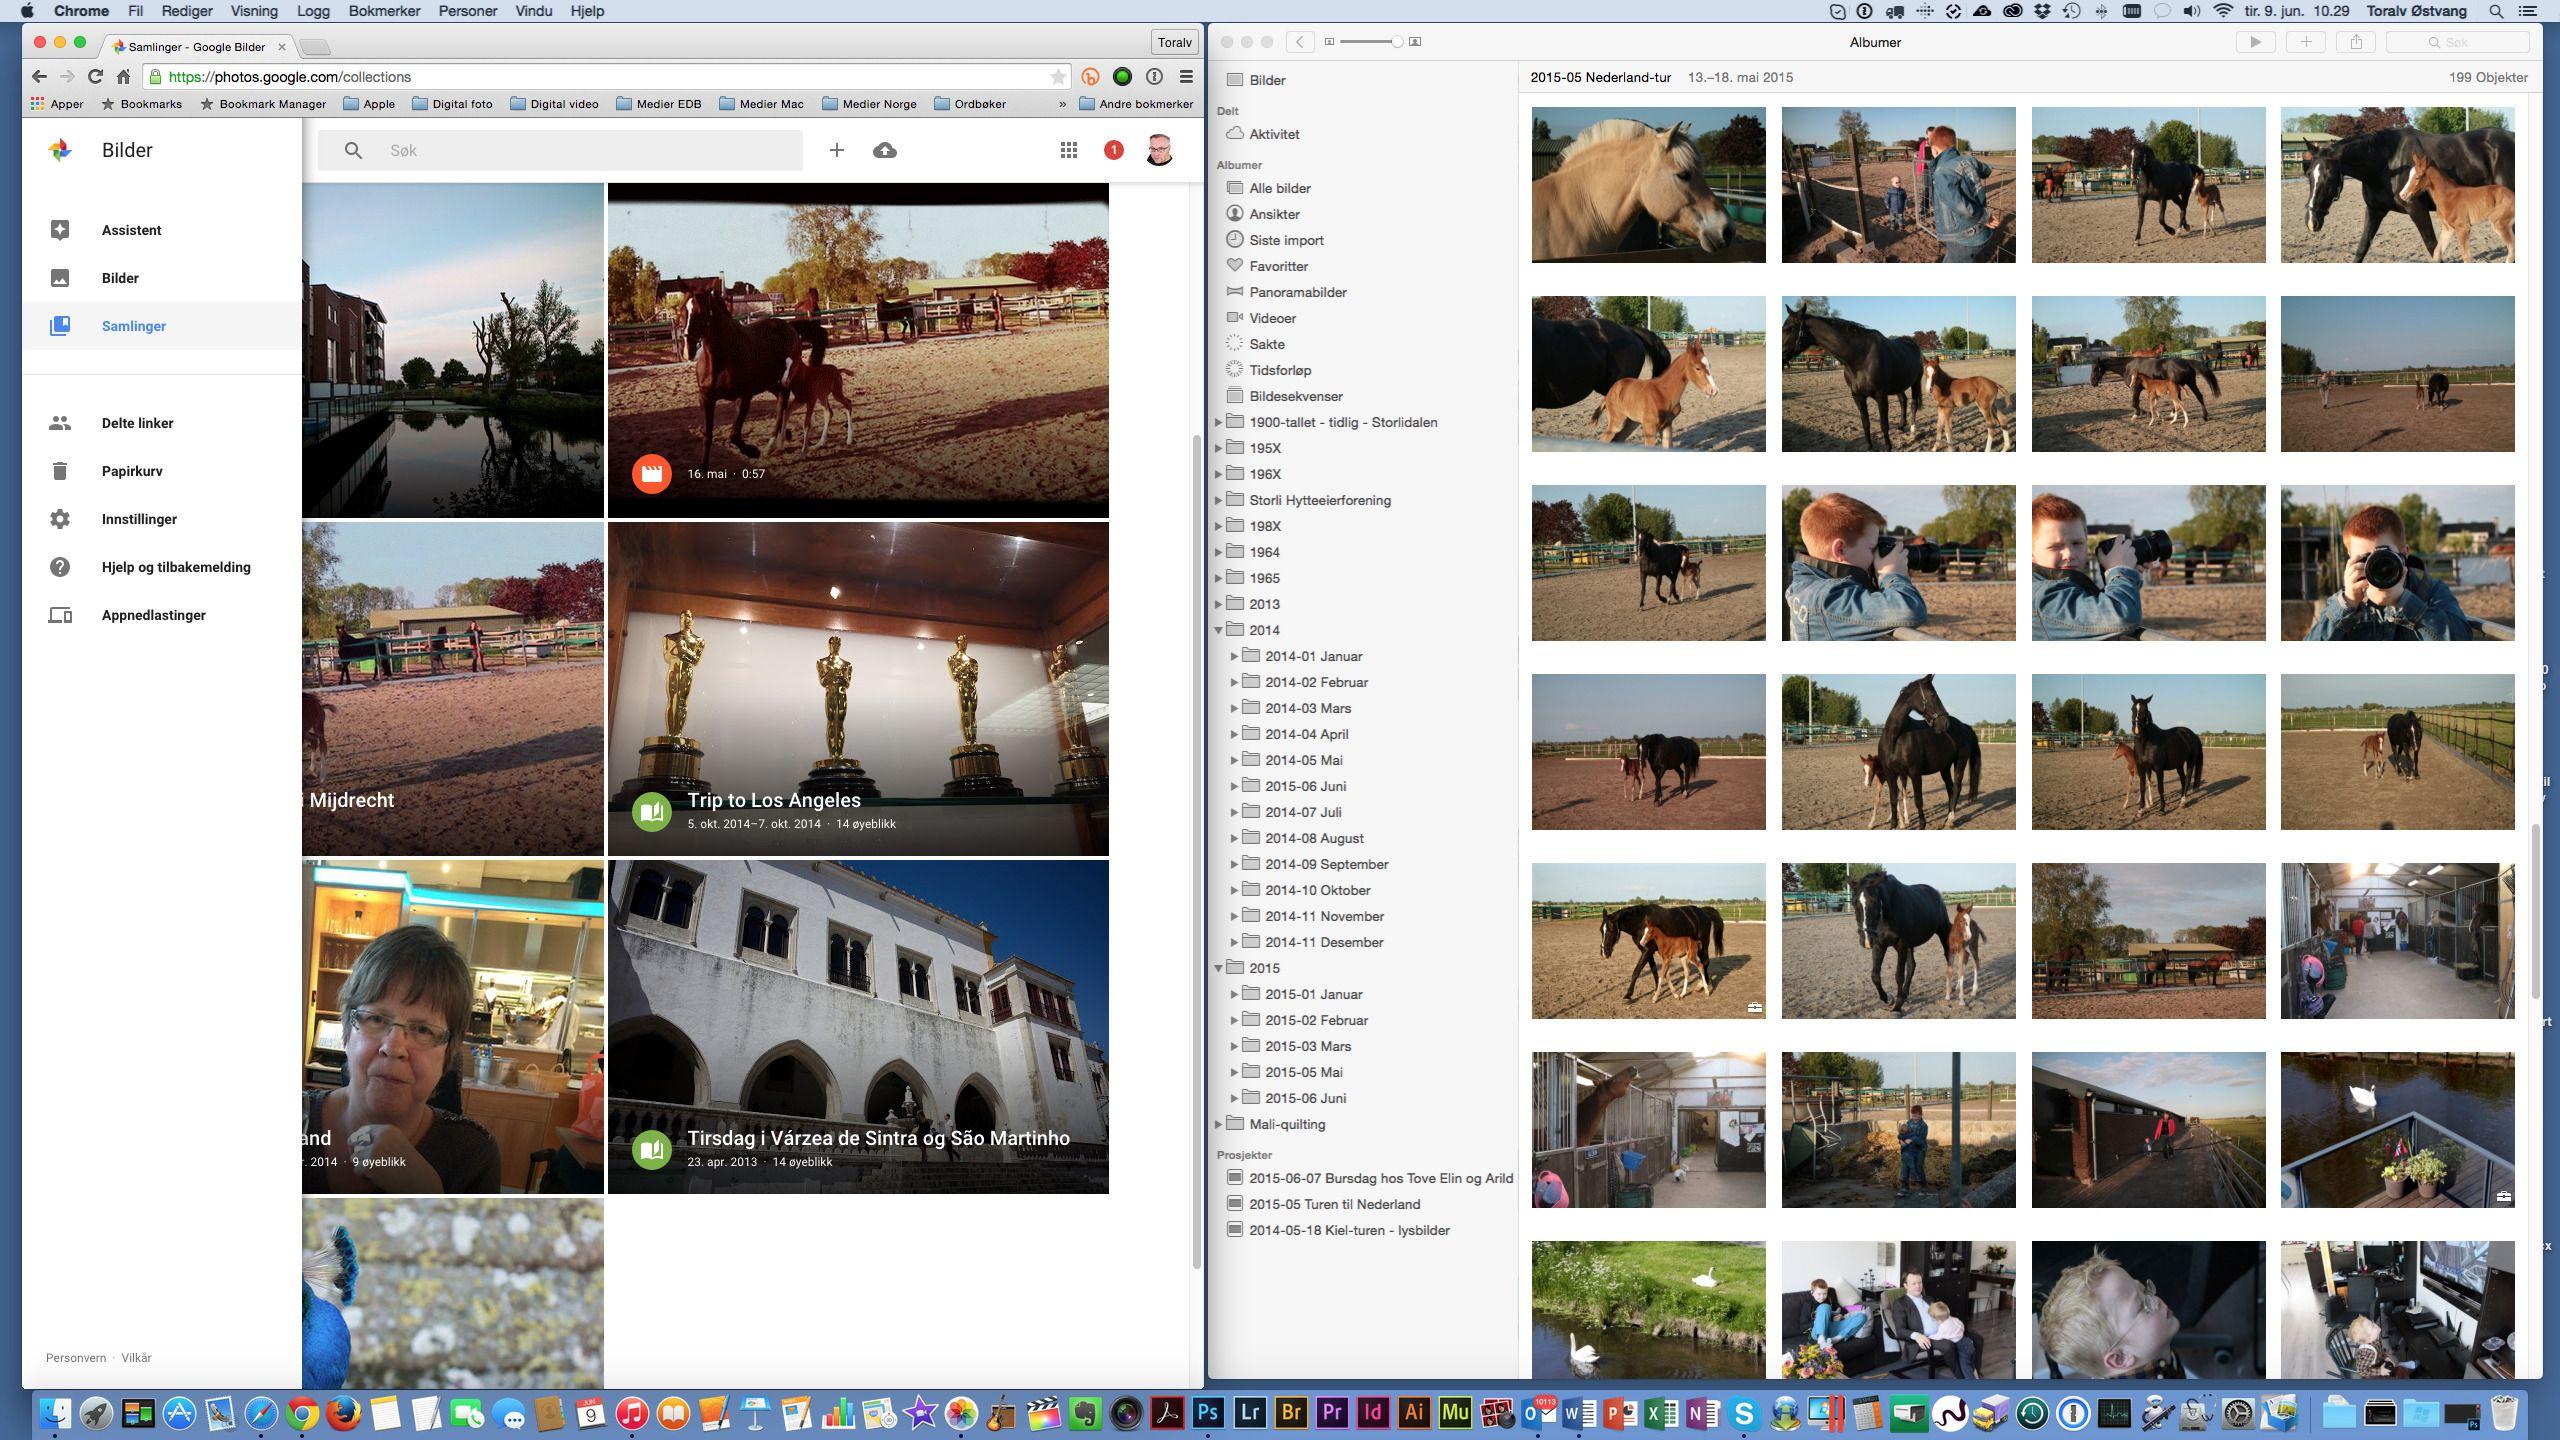 Mye er likt i Bilder fra Google (til venstre) og Apple Bilder. Men det er også en del ulikt under skallet. Slik ser programmene ut når man jobber med dem på en Mac – Google Bilder i en nettleser og Apple Bilder som eget program. Foto: Toralv Østvang